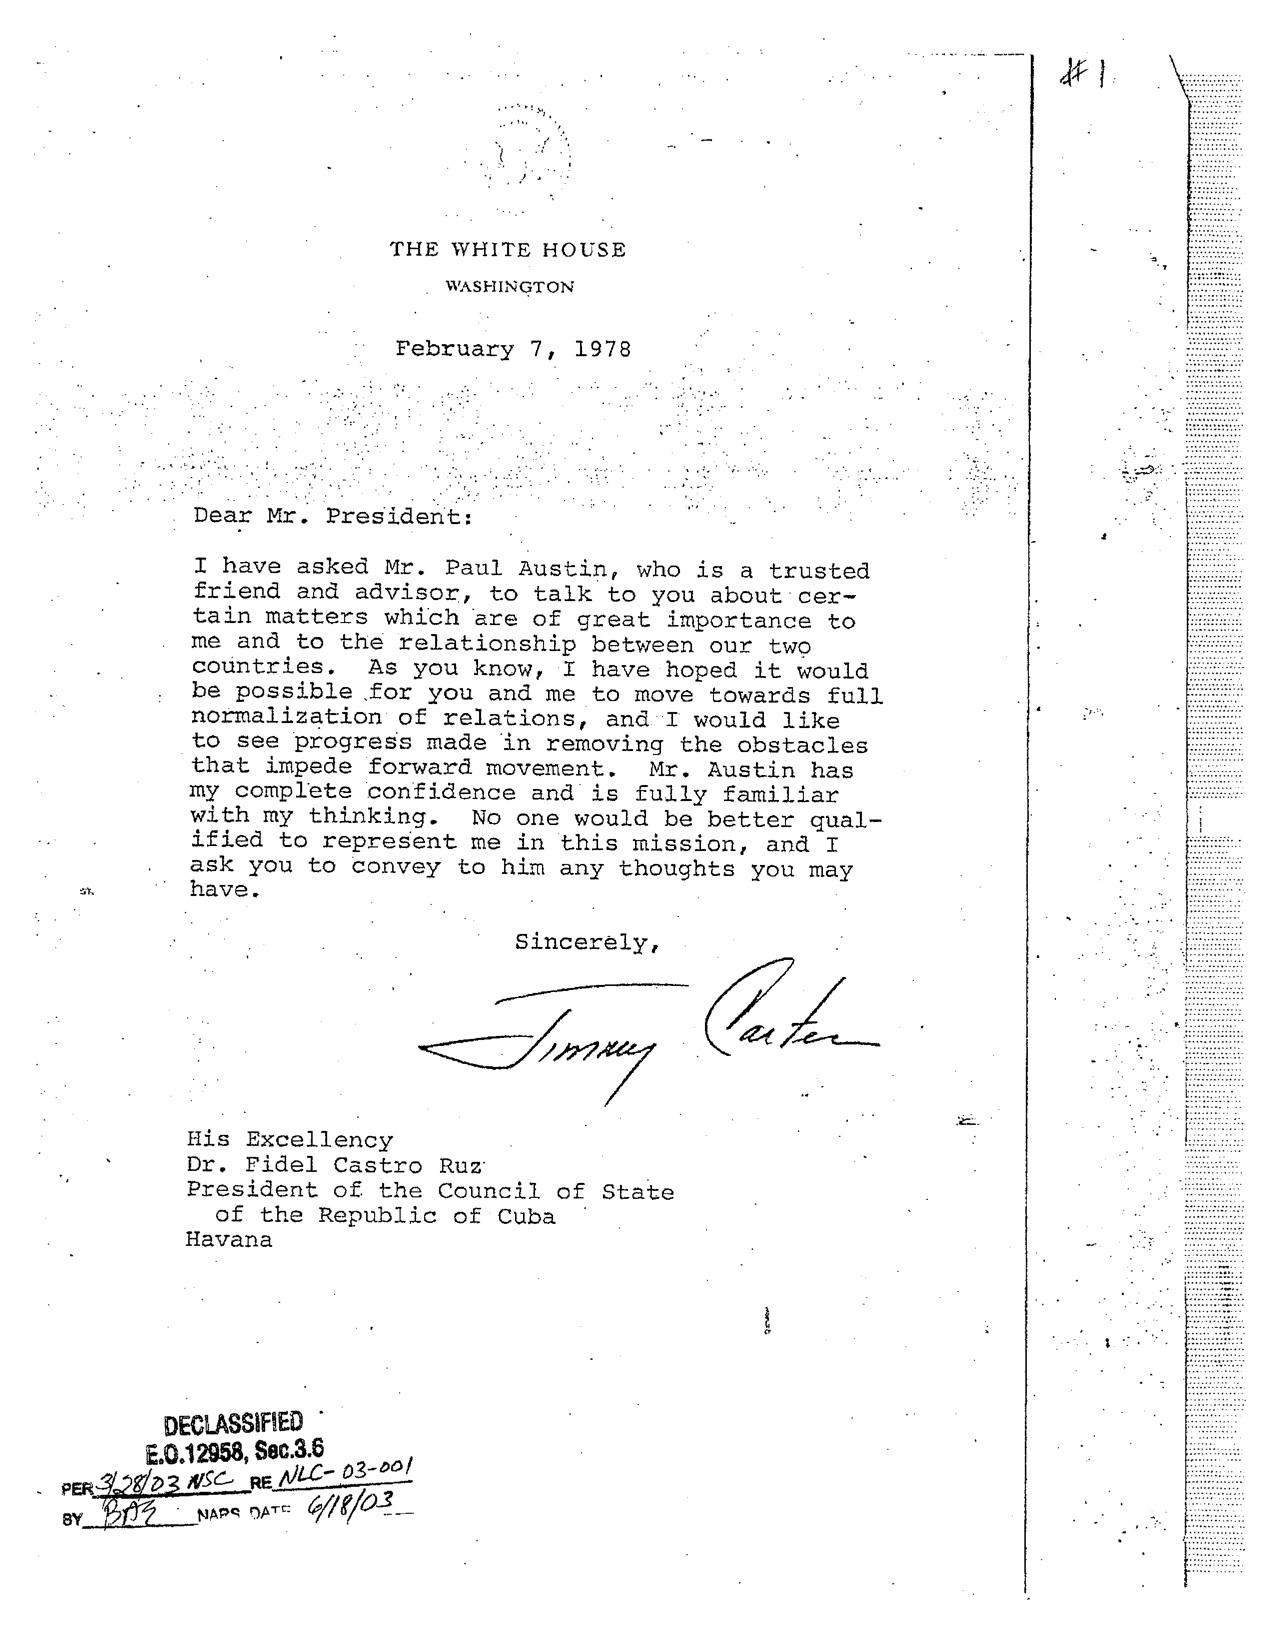 Fidel, Carter y las misiones secretas de Paul Austin | Cubadebate